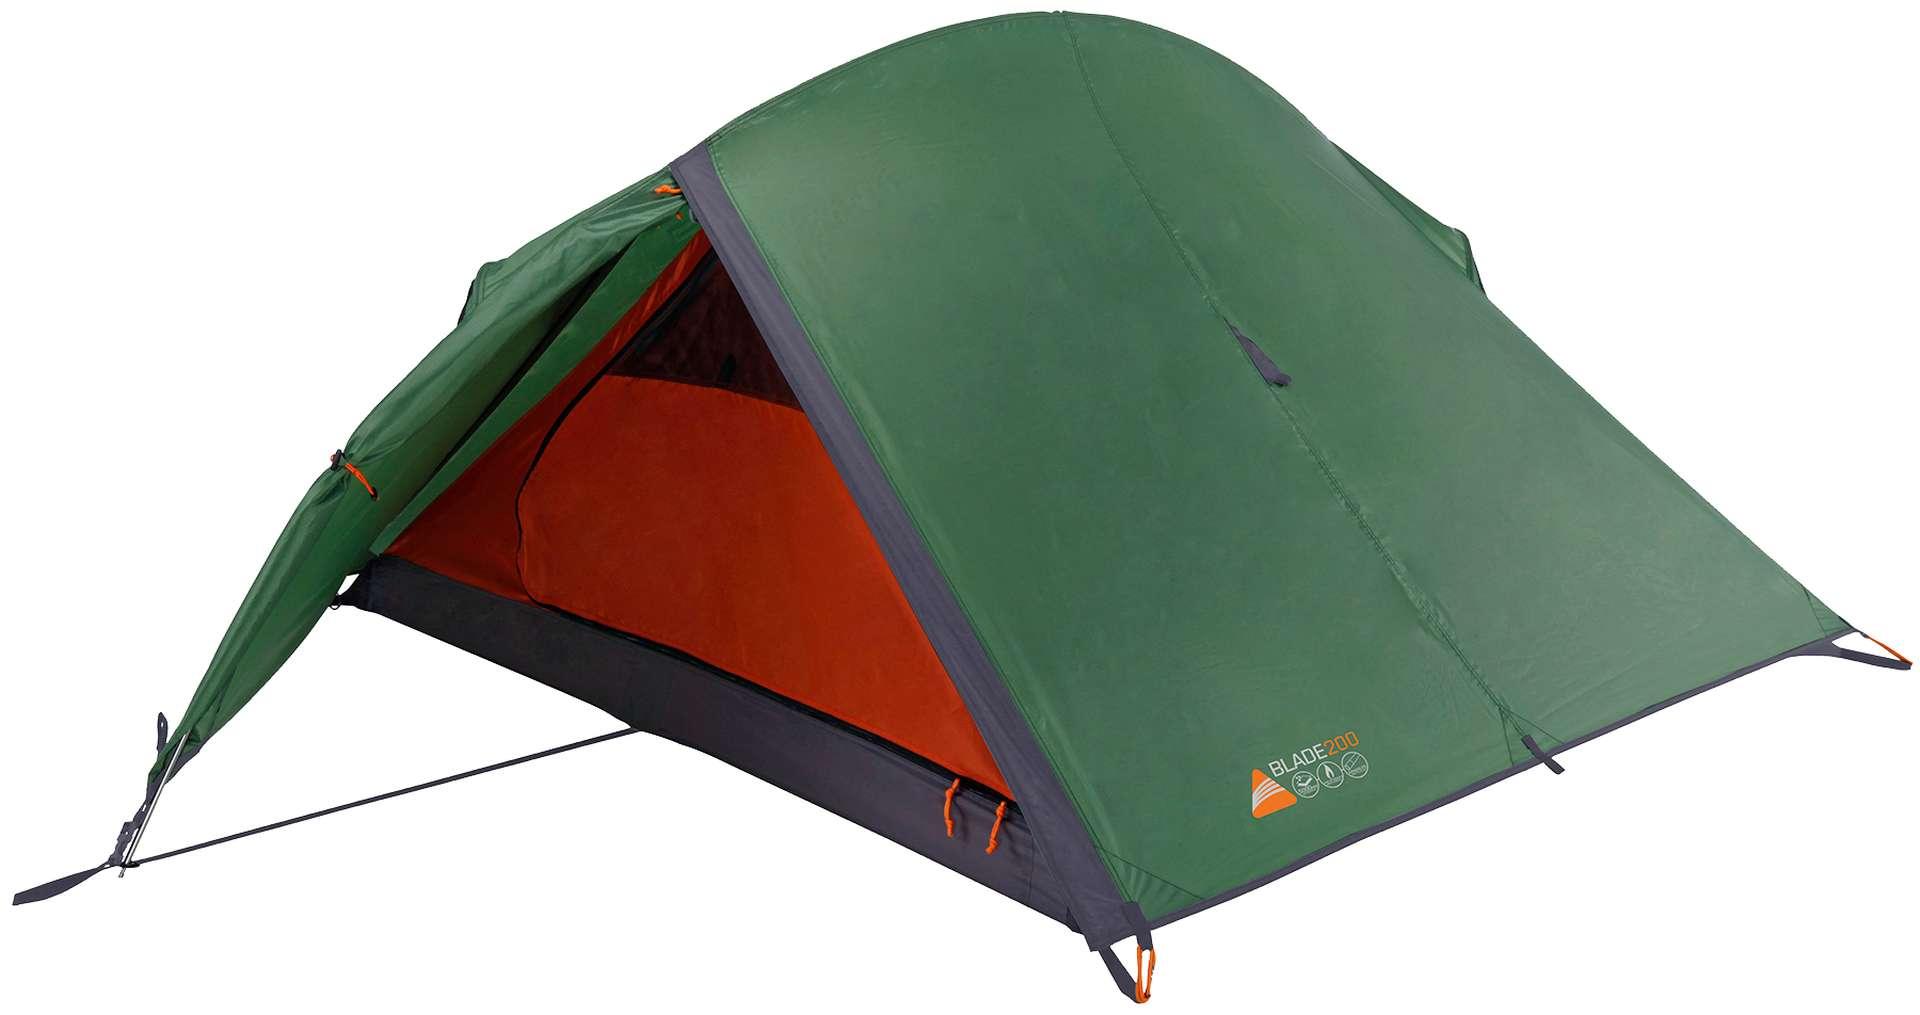 Zelt 2 Personen Wassersäule 5000 : Zelt vango blade für personen biker trekking